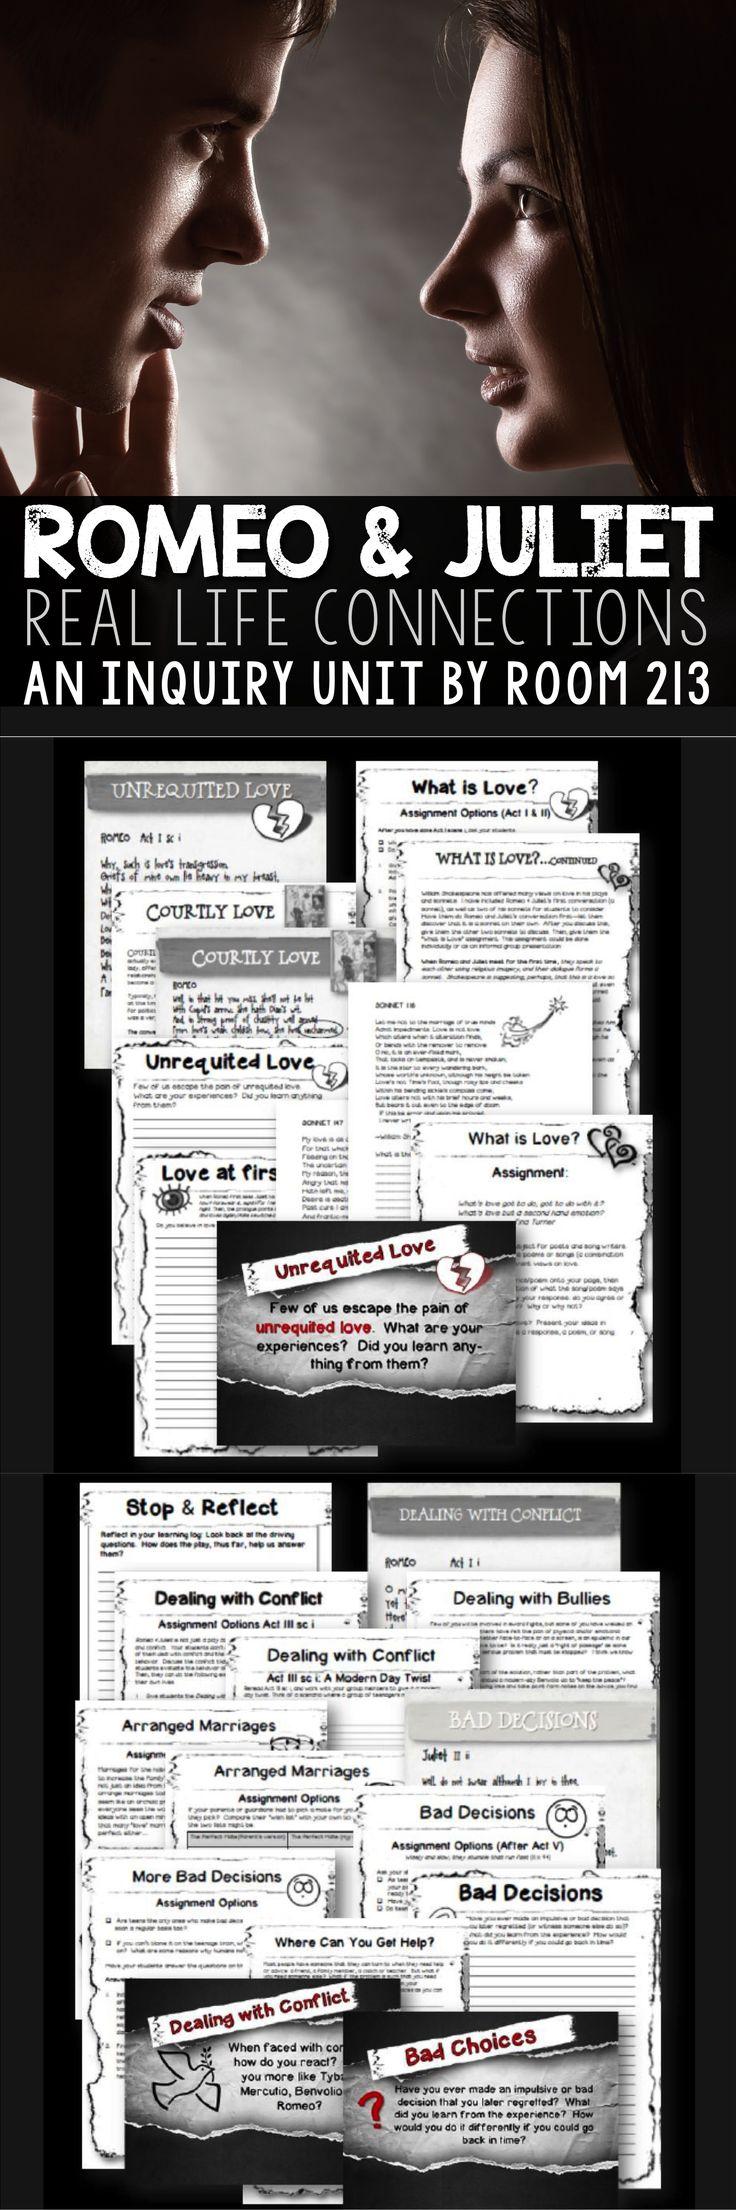 dissertation la procг©dure lг©gislative depuis la rг©vision constitutionnelle de 2008